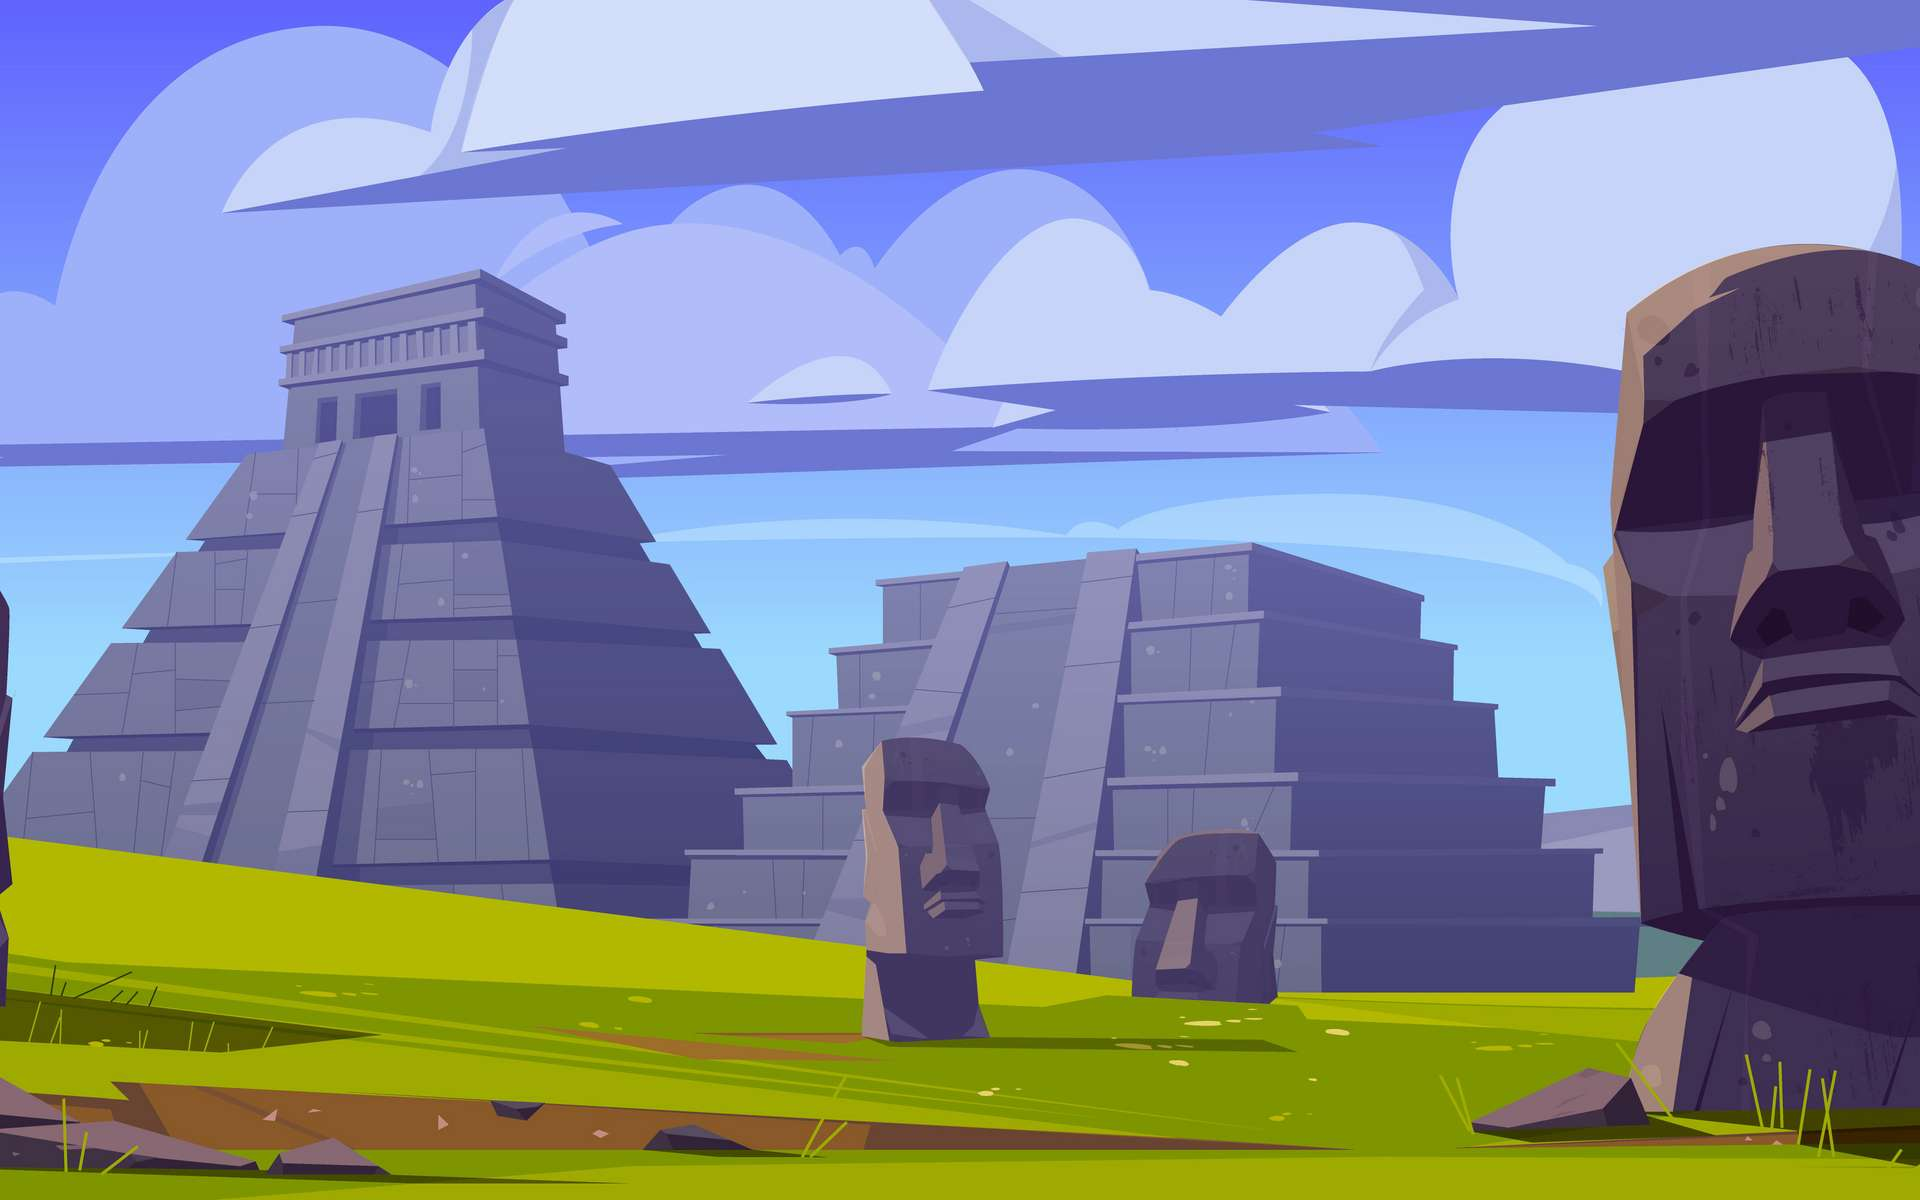 Les monuments érigés par les peuples d'Amérique latine sont encore aujourd'hui source de plusieurs mythes. © klyaksun, Adobe Stock